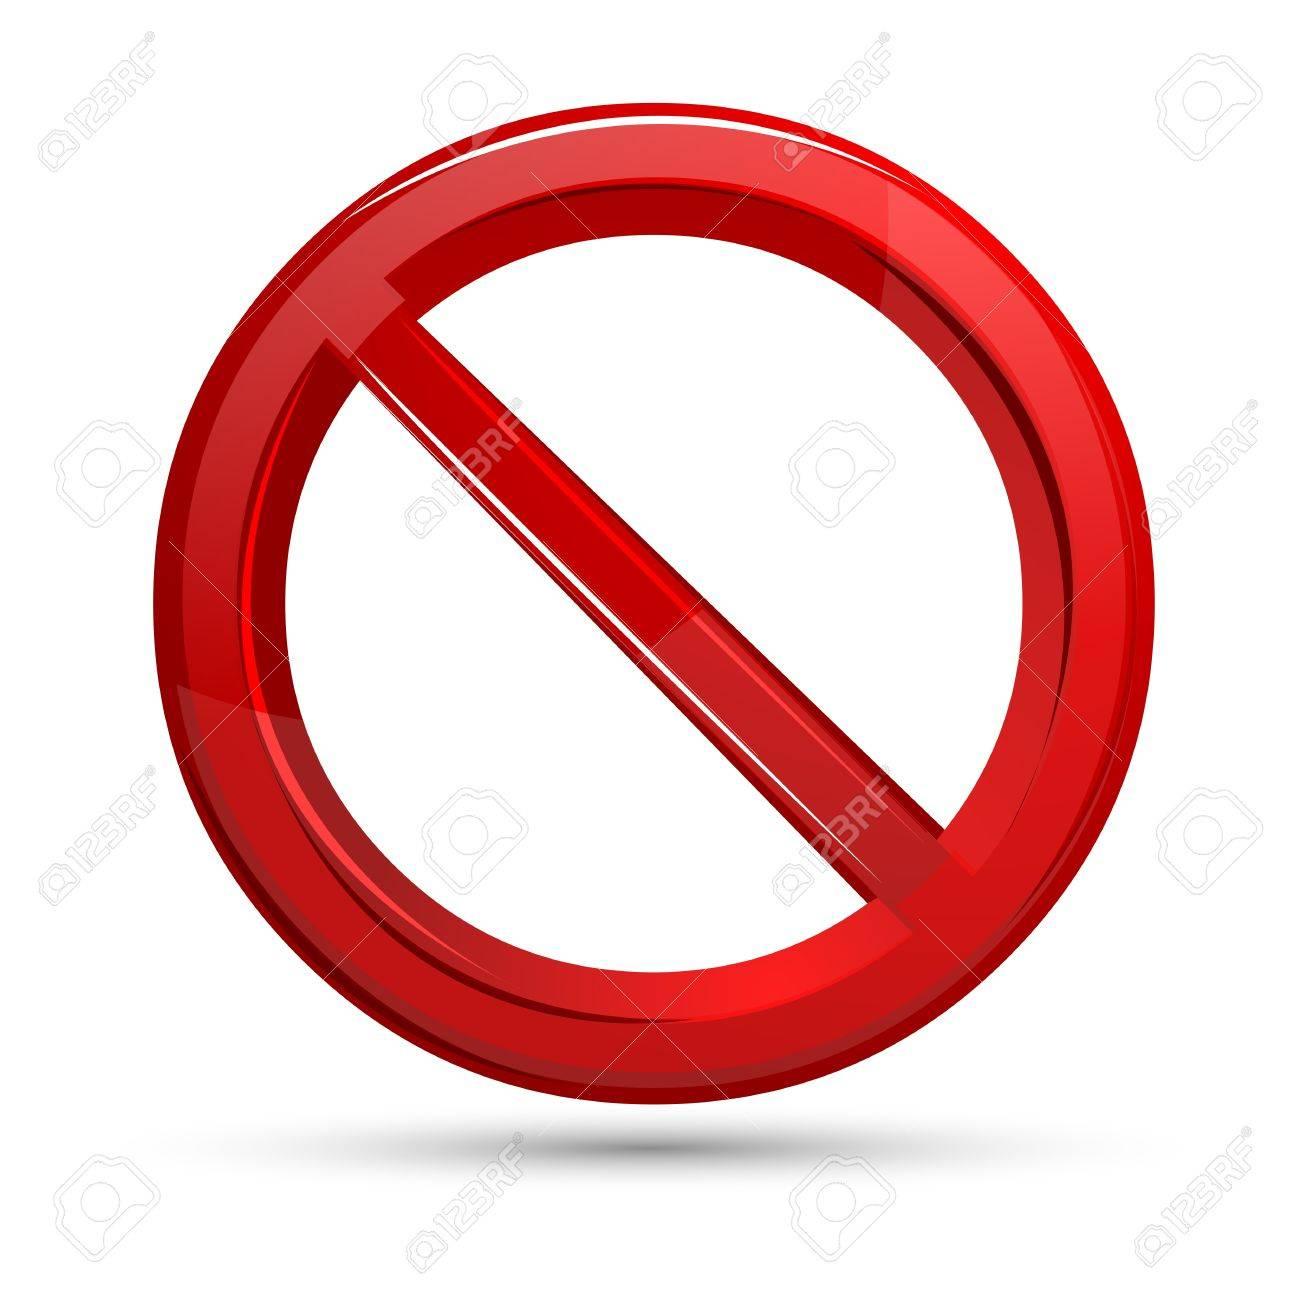 illustration of prohibited sign on isolated white background Stock Photo - 8778255